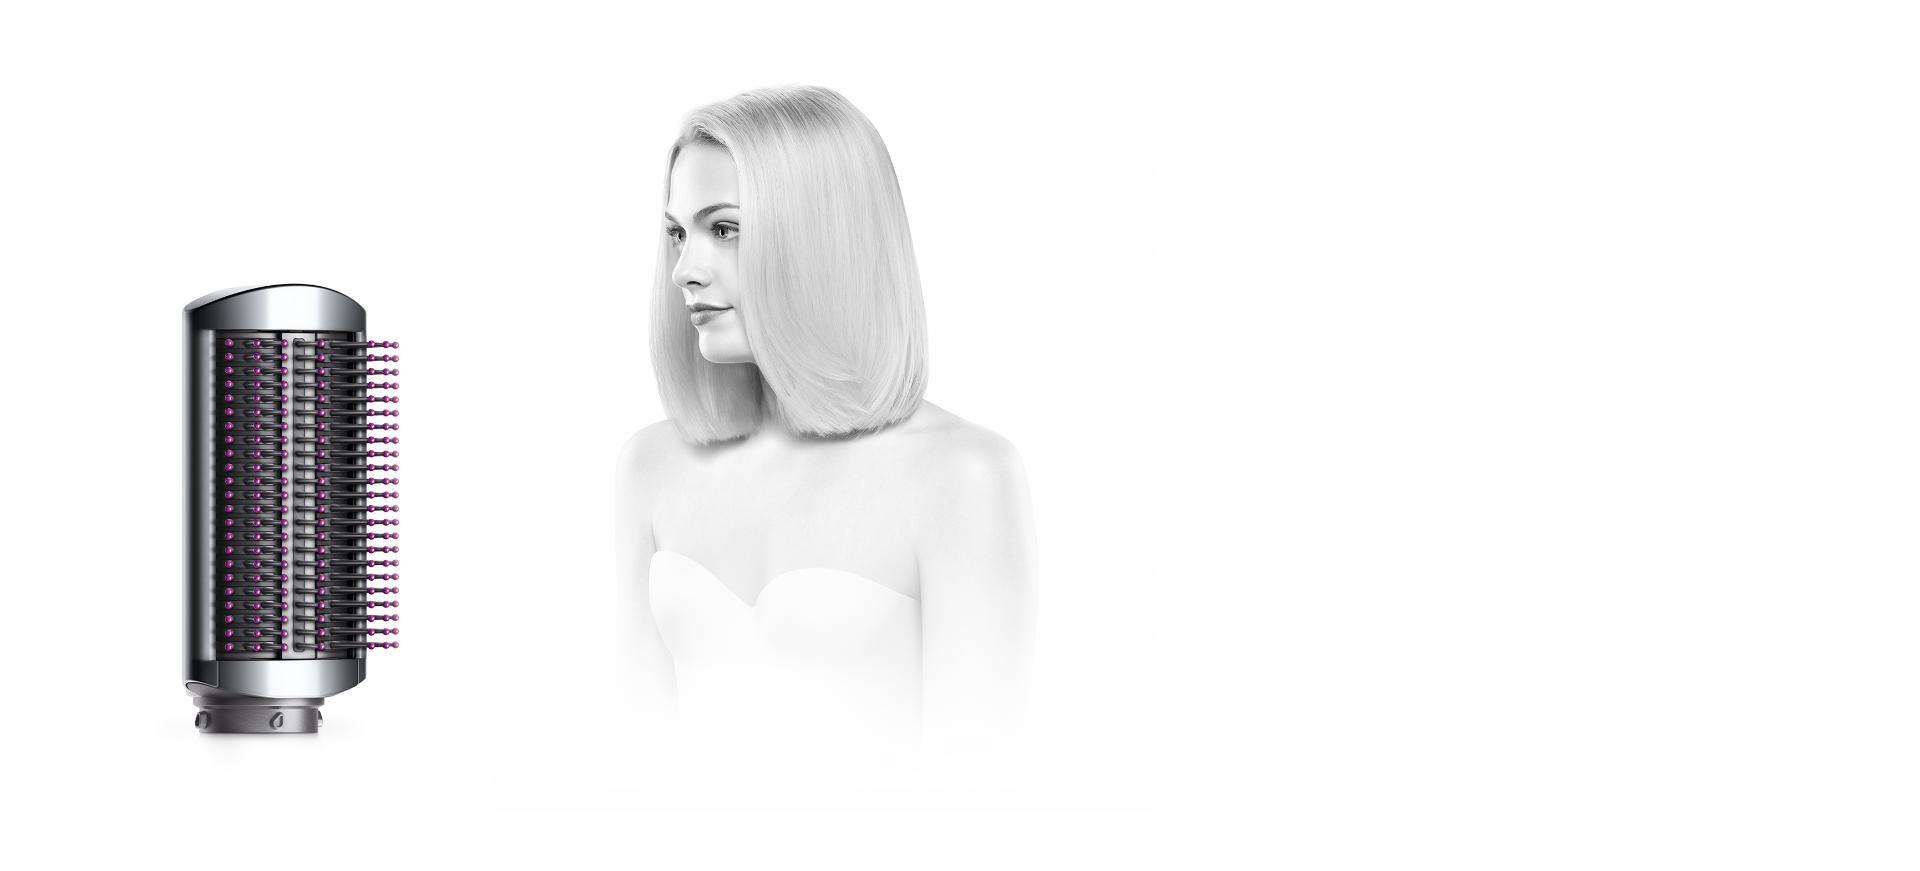 فرشاة التنعيم اللينة مع امرأة ذات شعر أملس